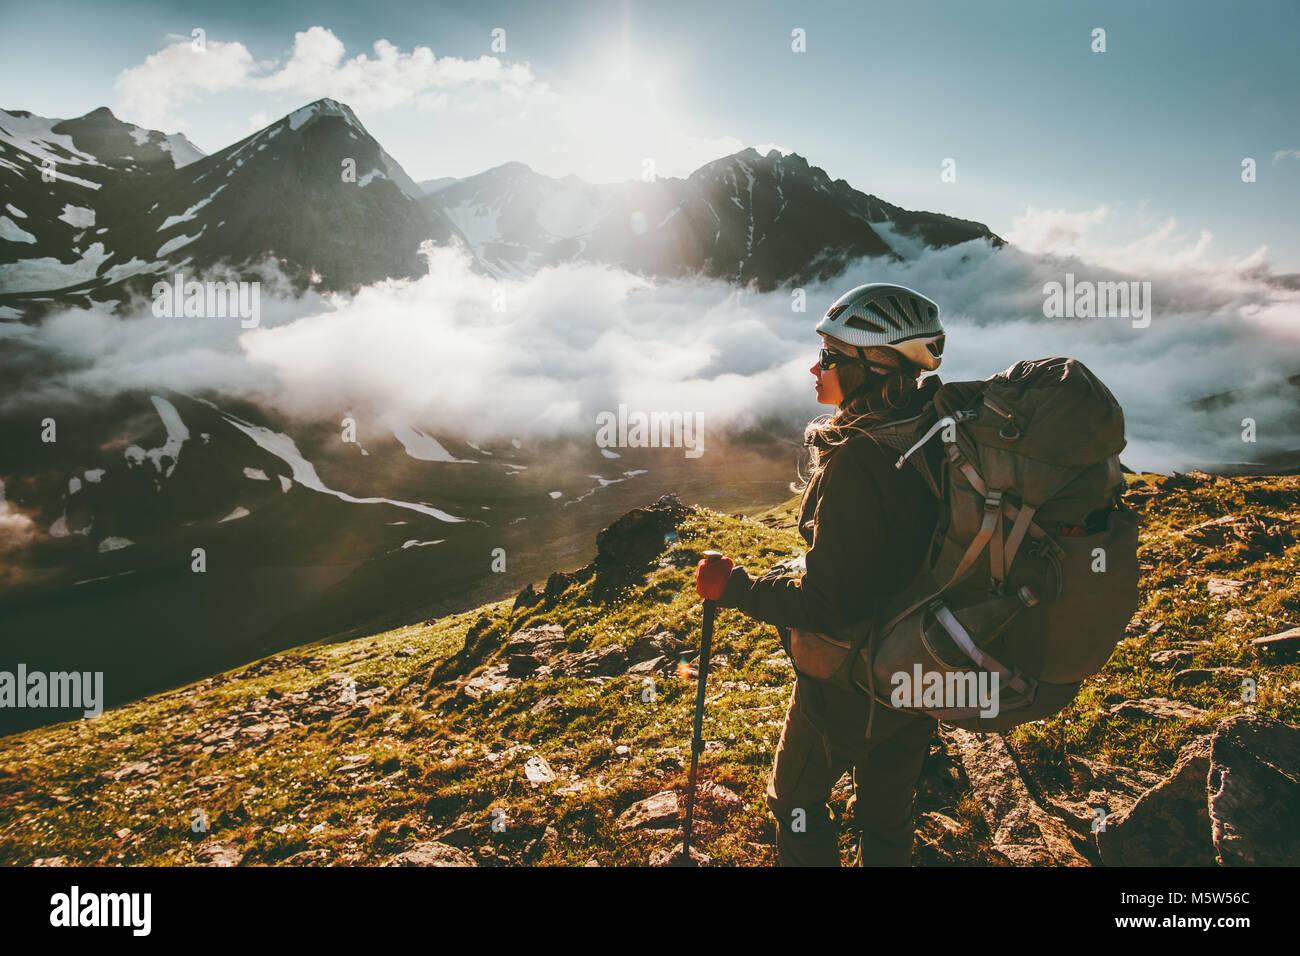 Backpacker Frau Berge Wolken Landschaft genießen Reisen lifestyle Abenteuer Konzept Aktiv Sommer Ferien im Stockbild